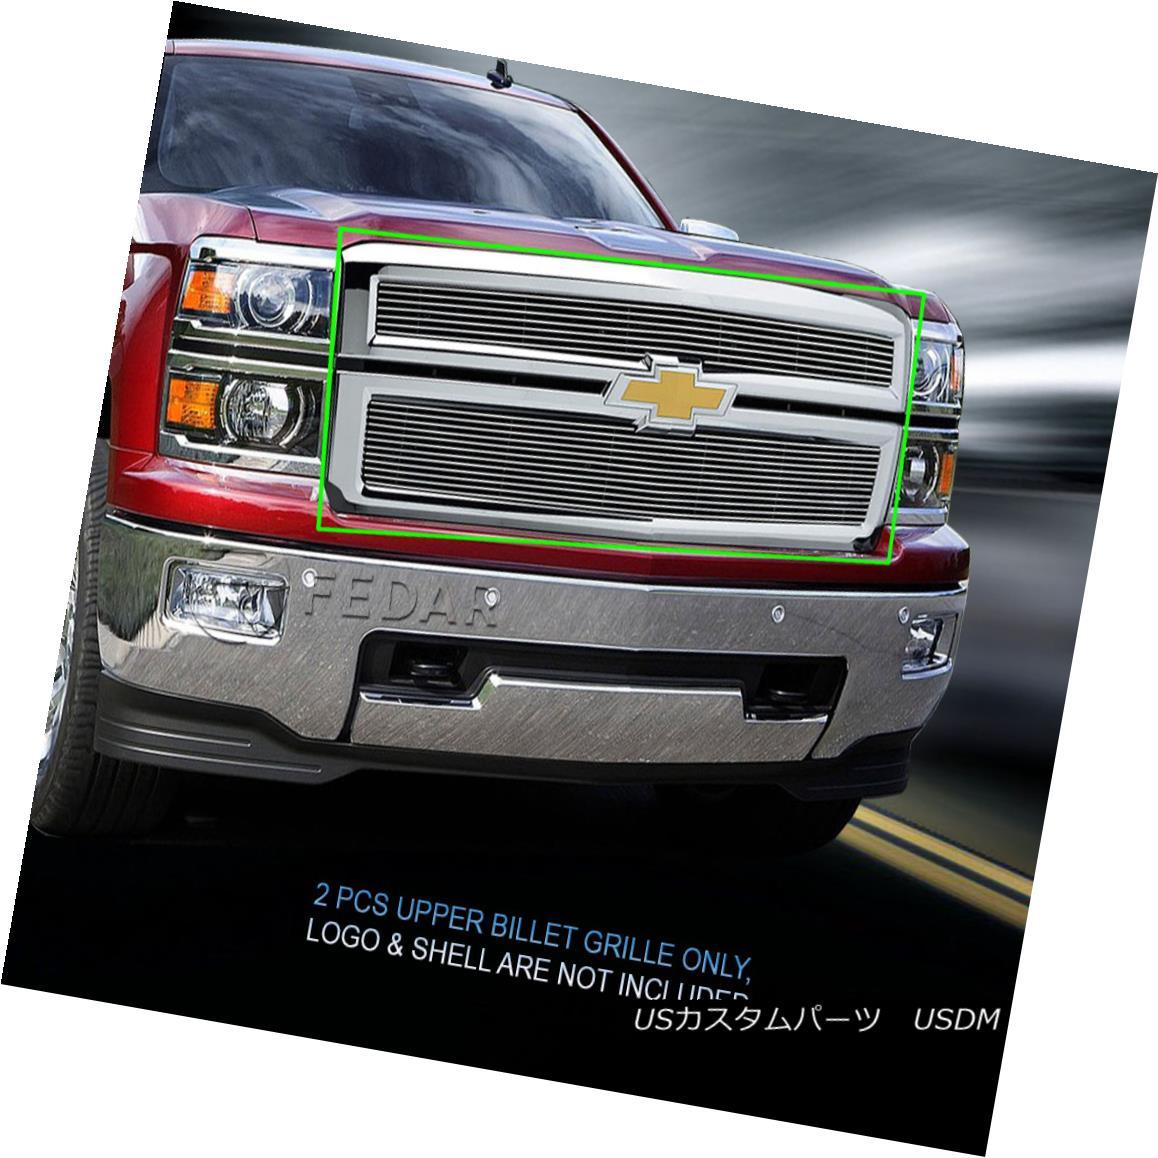 グリル Fits 2014-2015 Chevy Silverado 1500 Z71 Billet Grille Upper Grill Insert 2 Pcs フィット2014-2015シボレーシルバラード1500 Z71ビレットグリルアッパーグリル2個入り